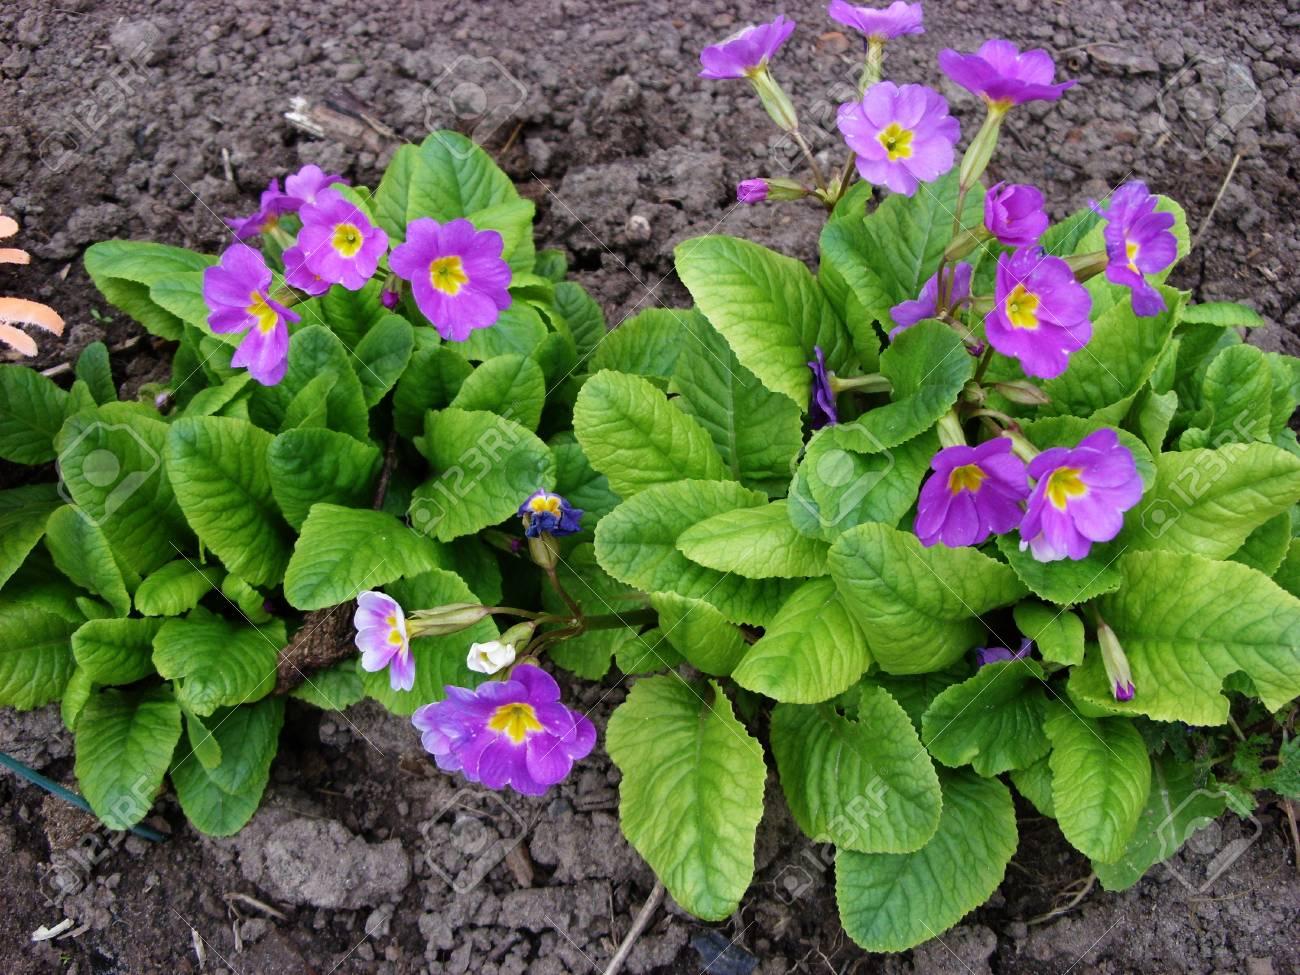 Flower in the garden flower primrose - 74615809